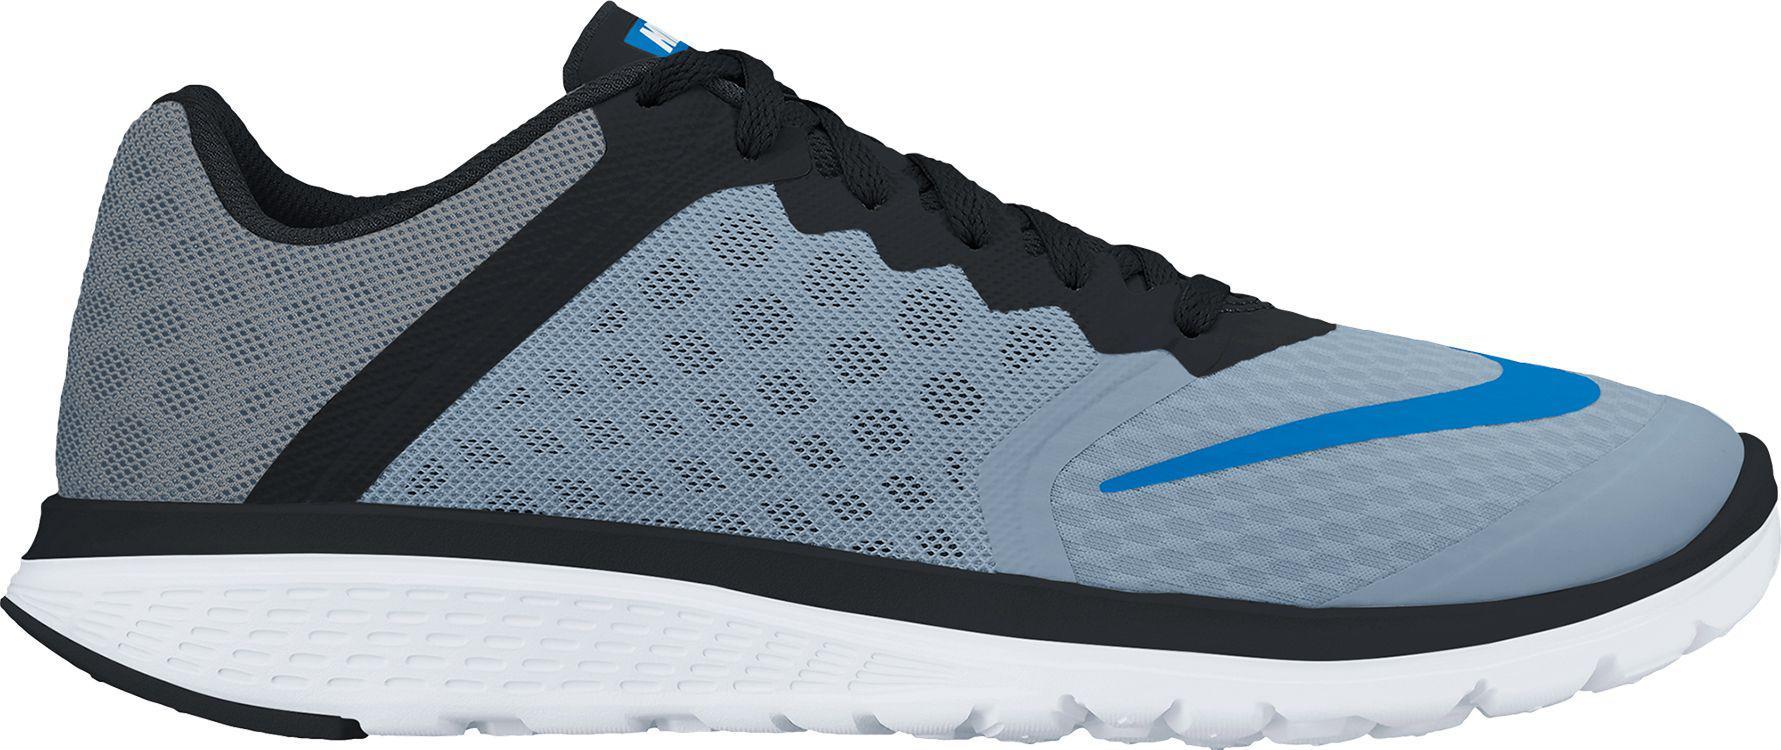 newest 88ed4 a0288 Men's Fs Lite Run 3 Running Shoes